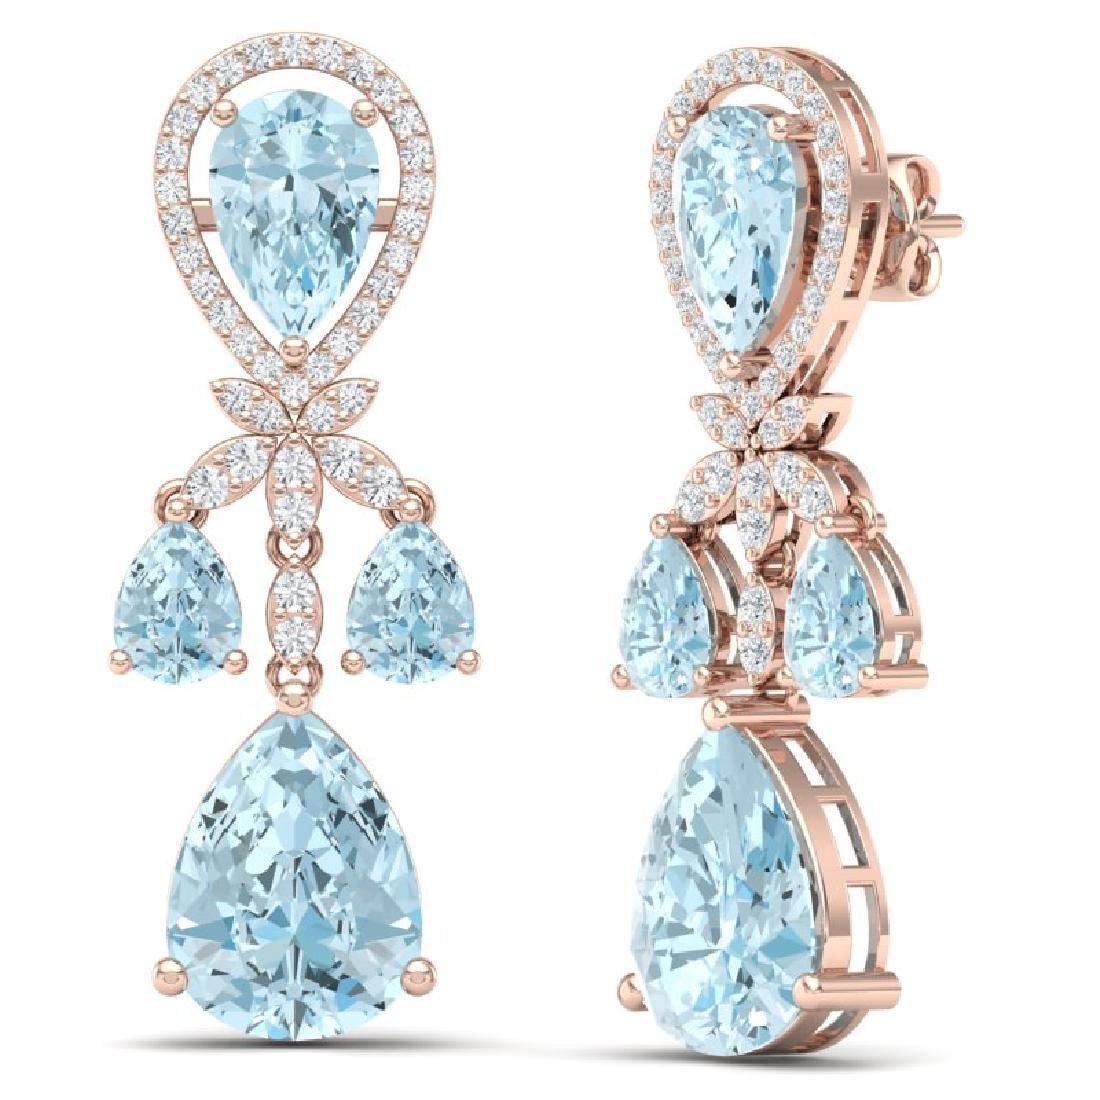 40.01 CTW Royalty Sky Topaz & VS Diamond Earrings 18K - 3